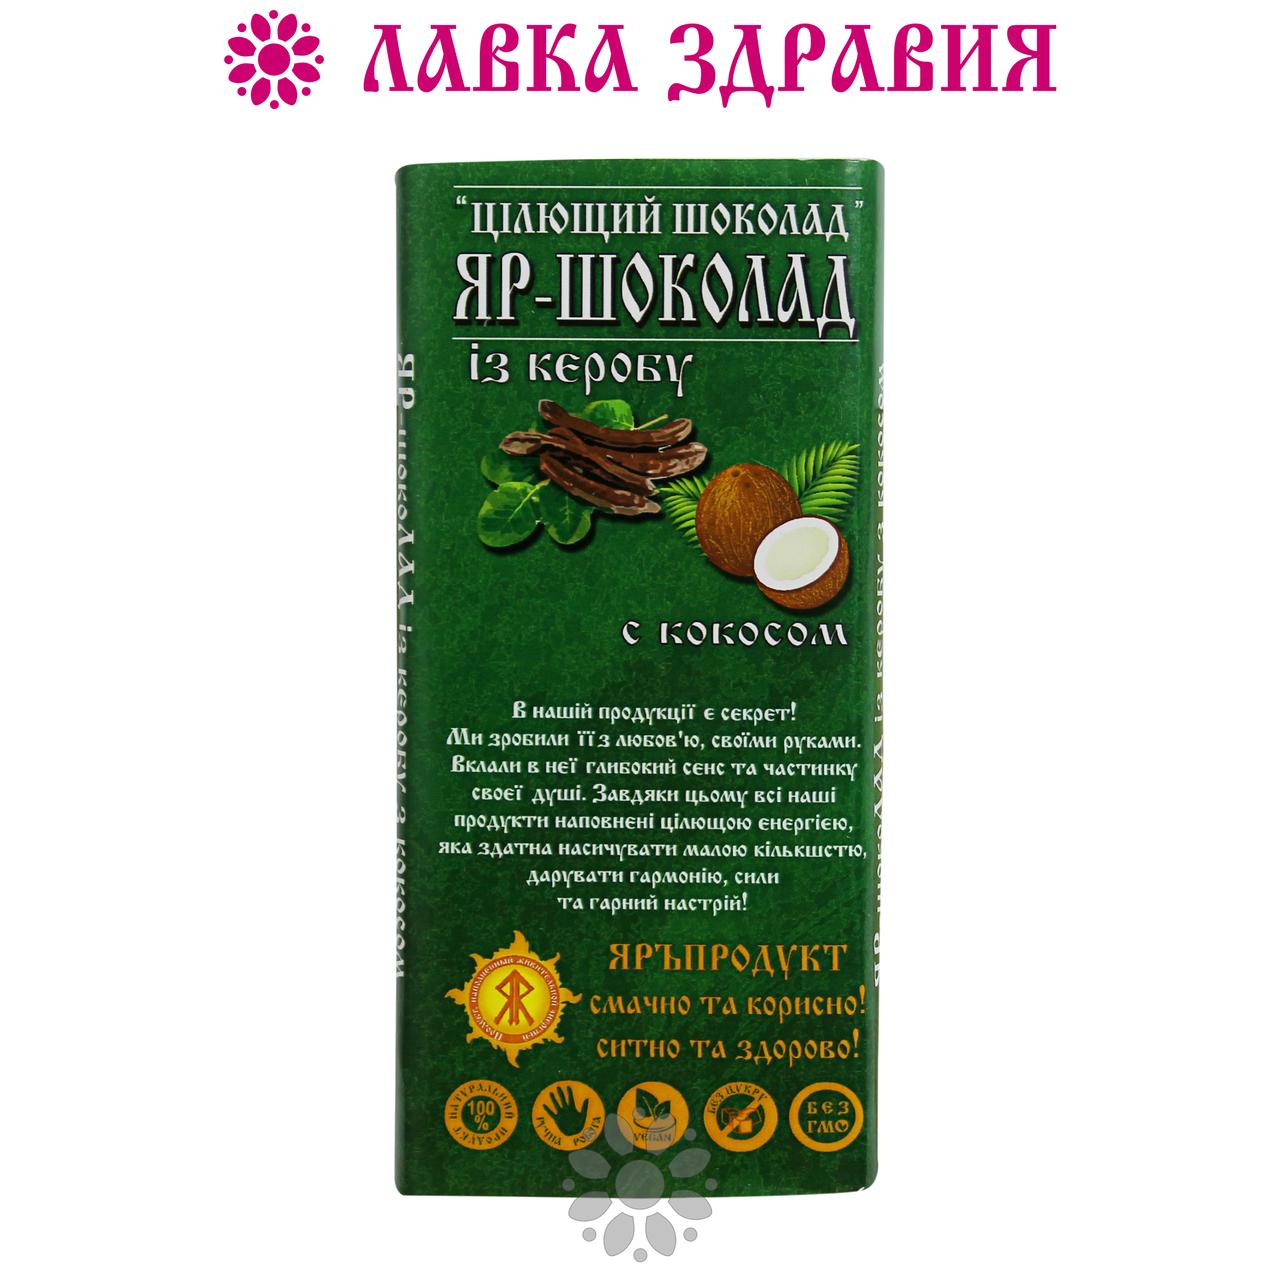 Яръ-шоколад с кэробом и кокосом, 100 г